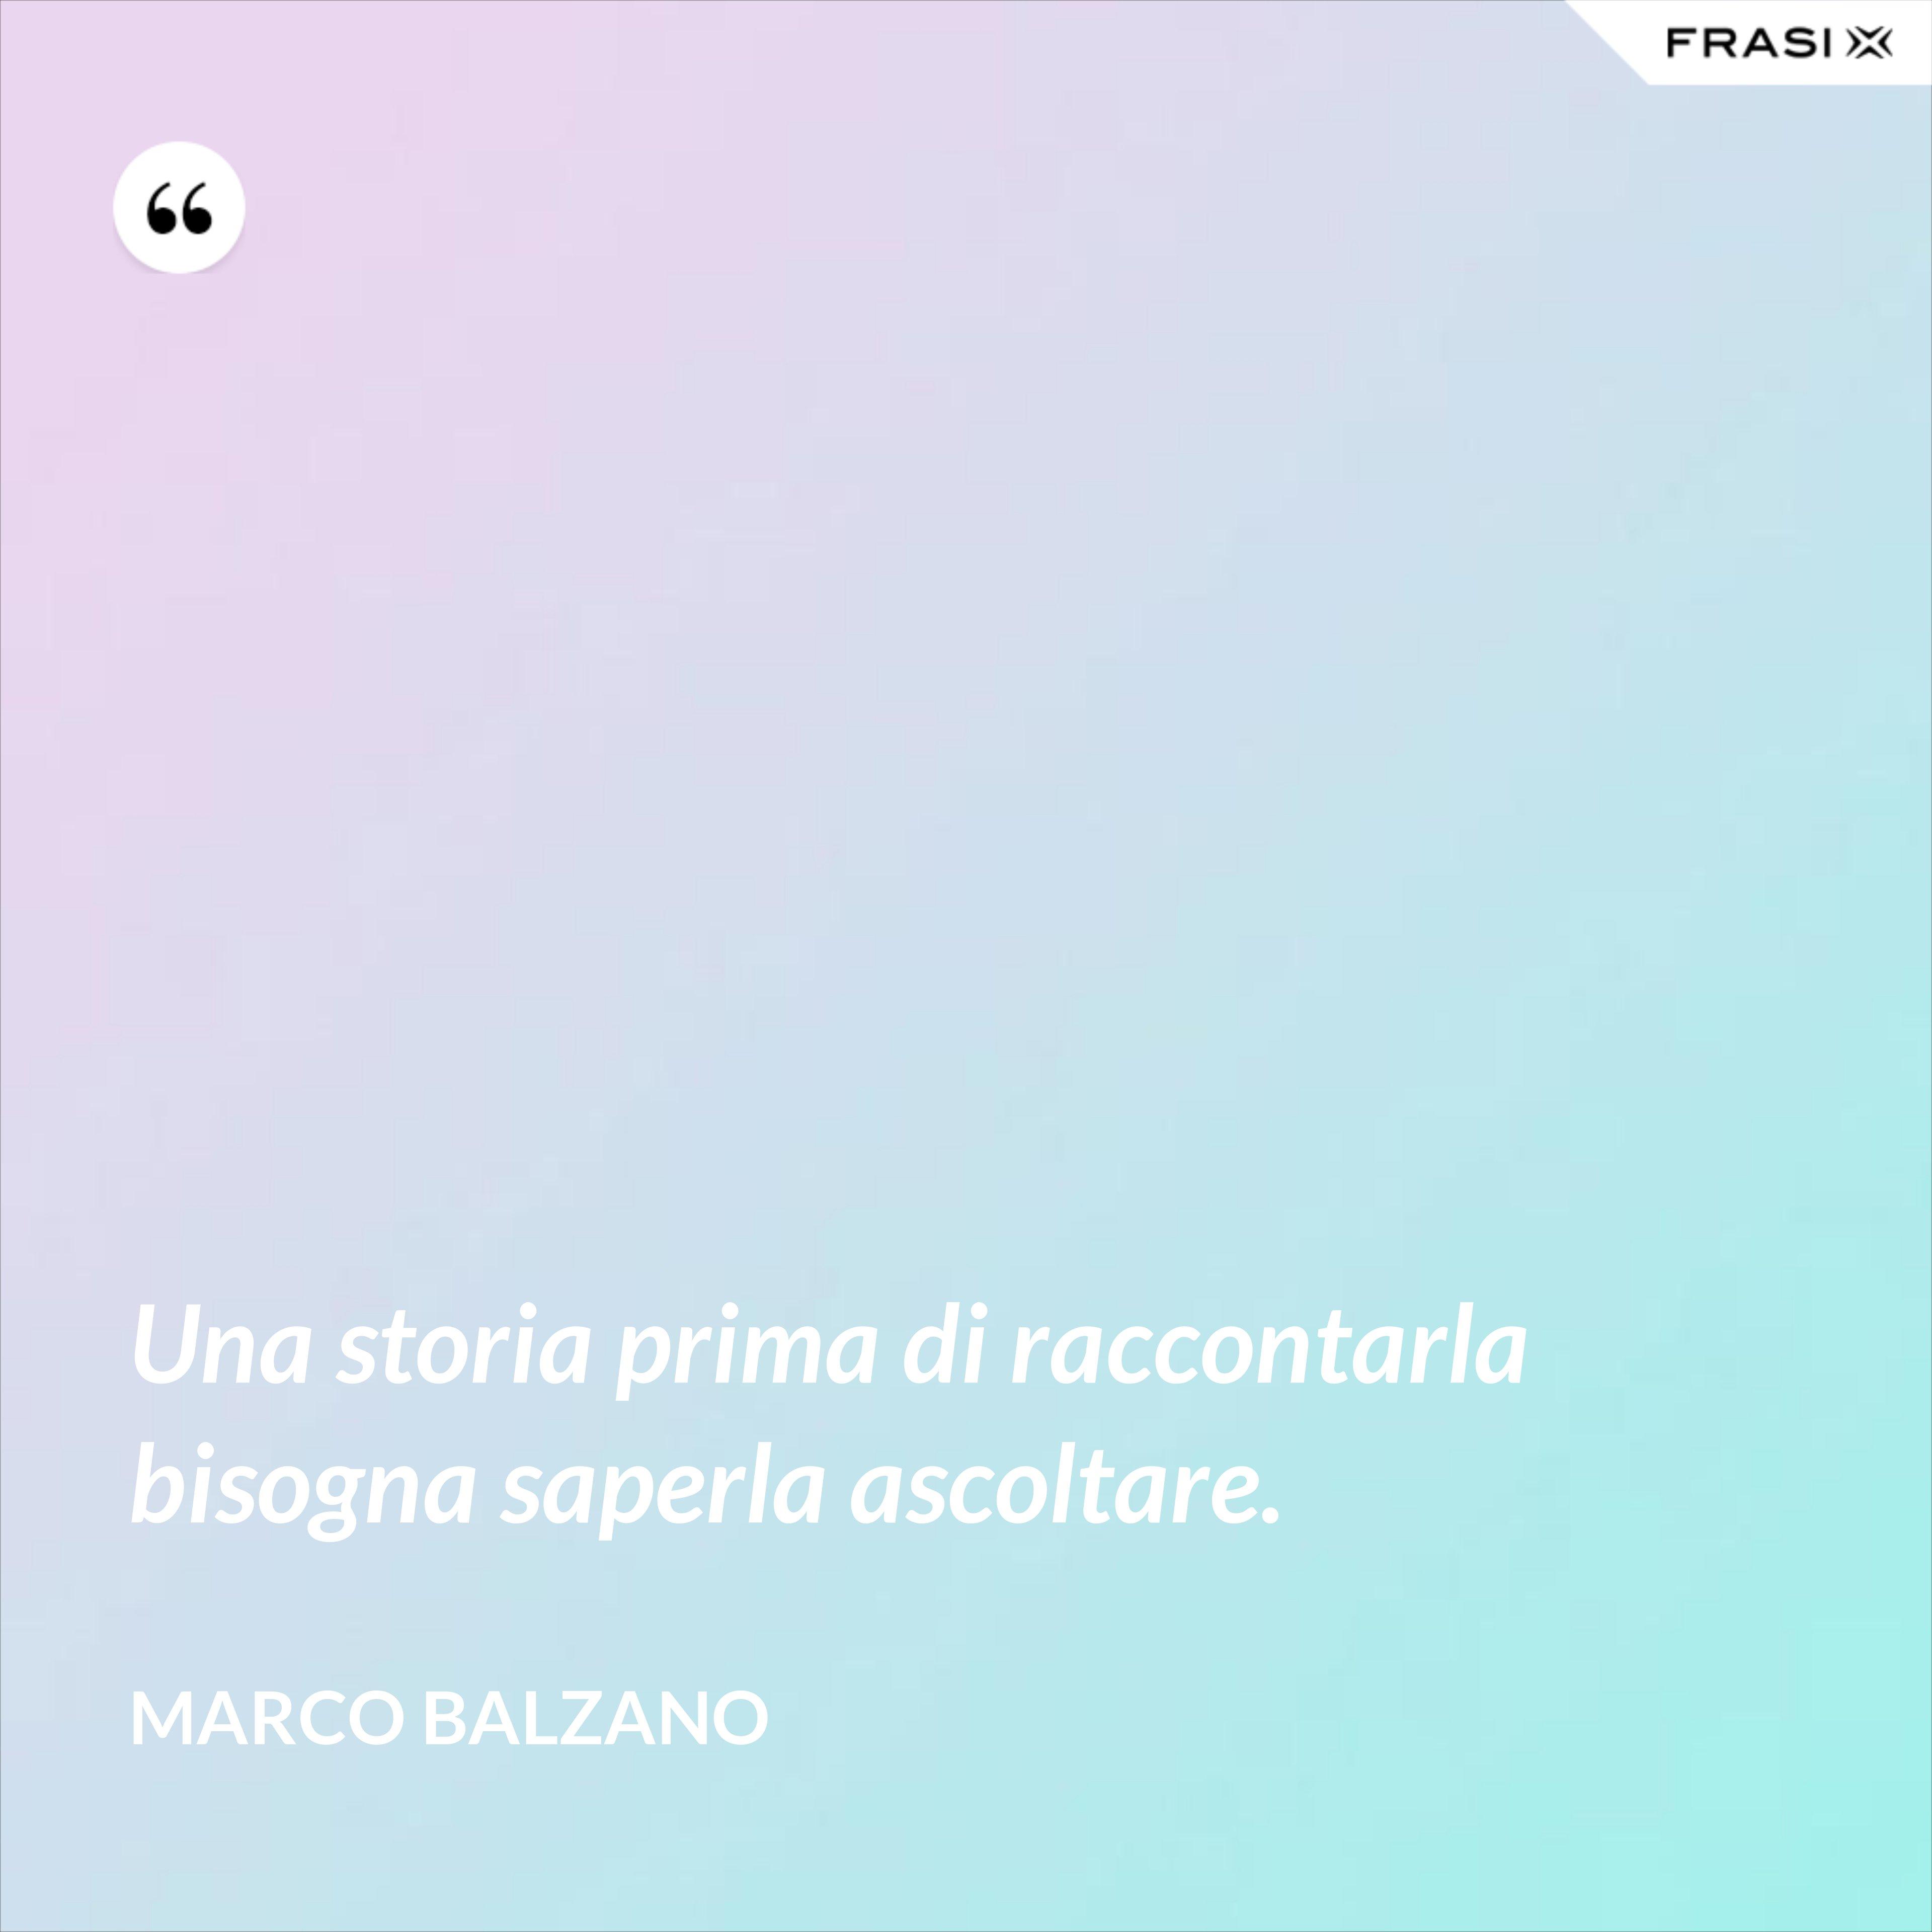 Una storia prima di raccontarla bisogna saperla ascoltare. - Marco Balzano